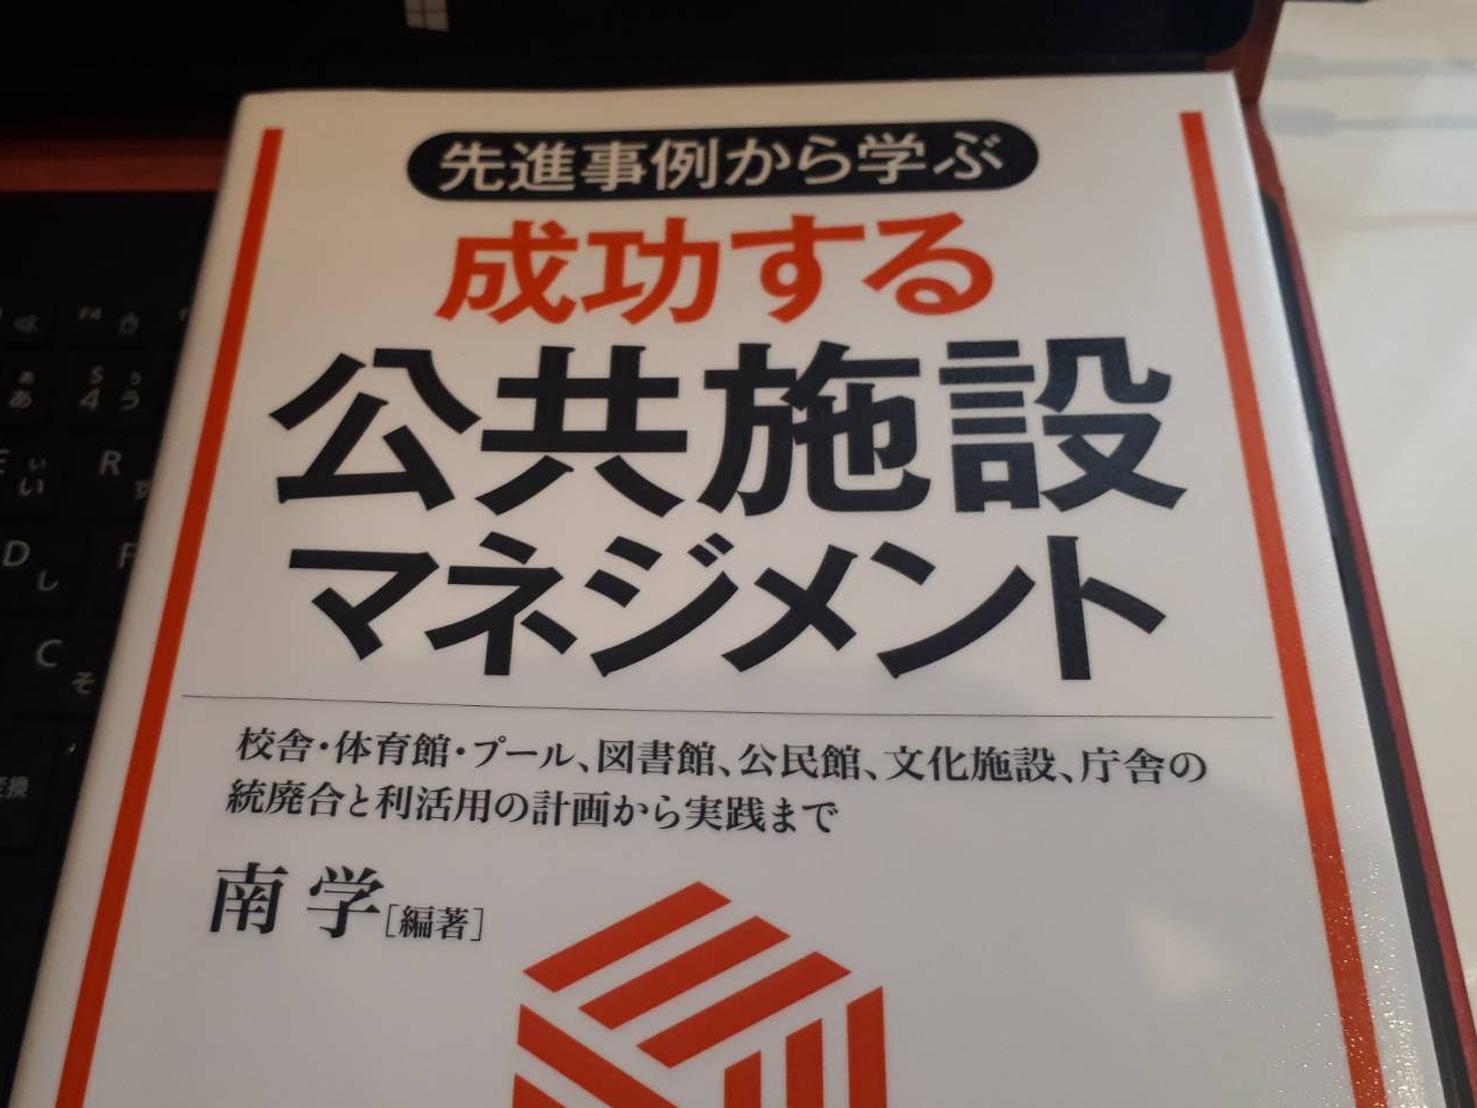 香芝市公共施設等総合管理計画について@事務作業、書類作成